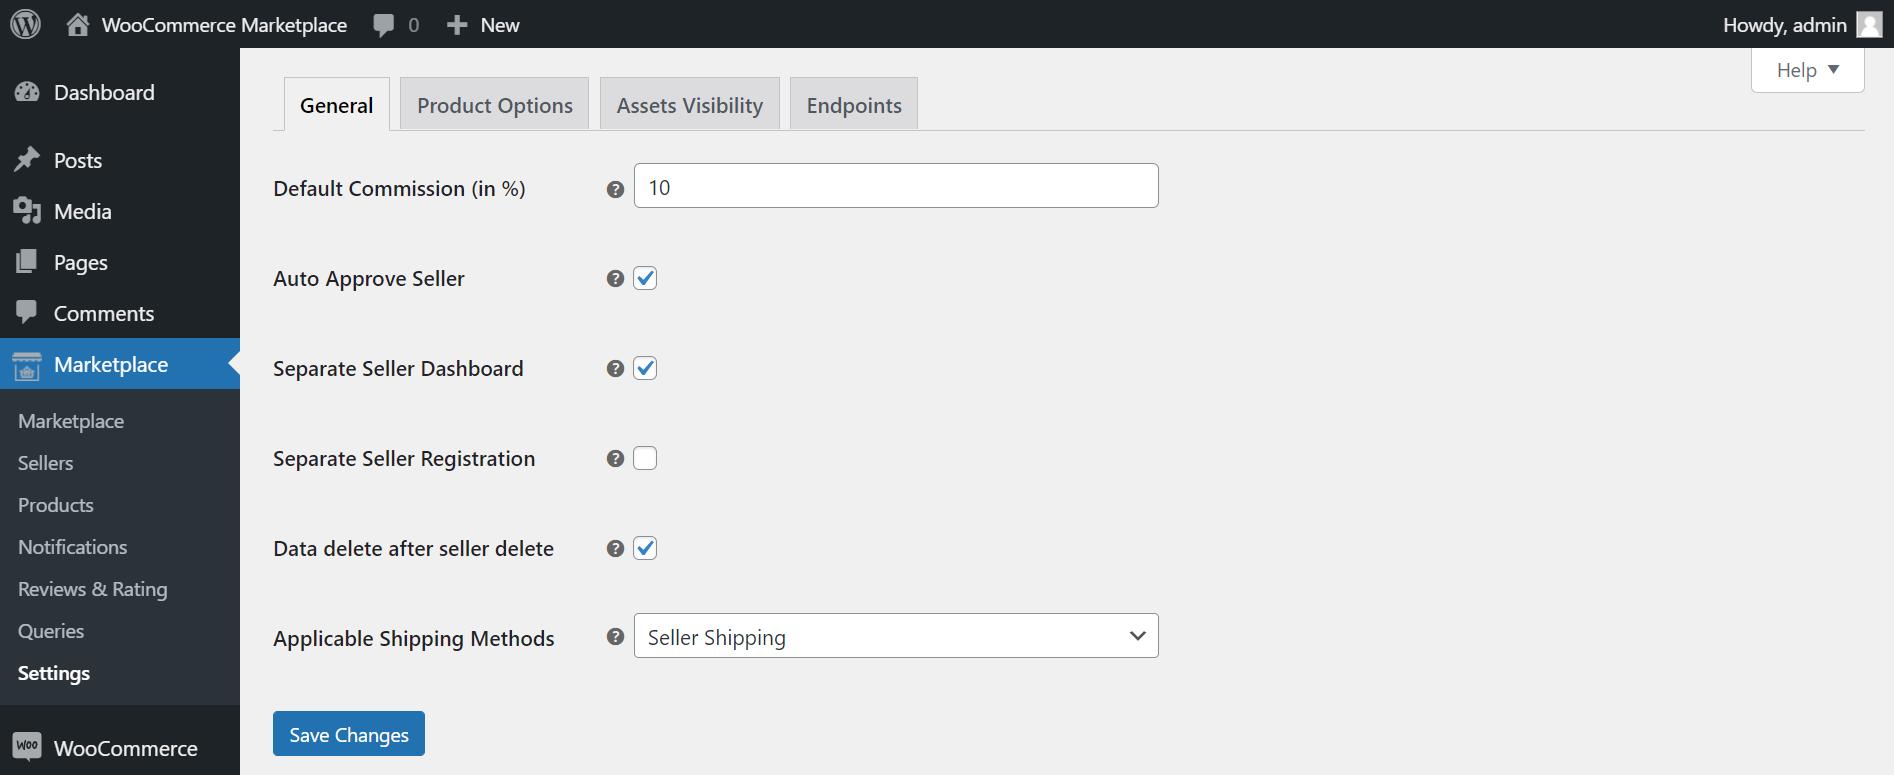 admin-configuration-WooCommerce-marketplace